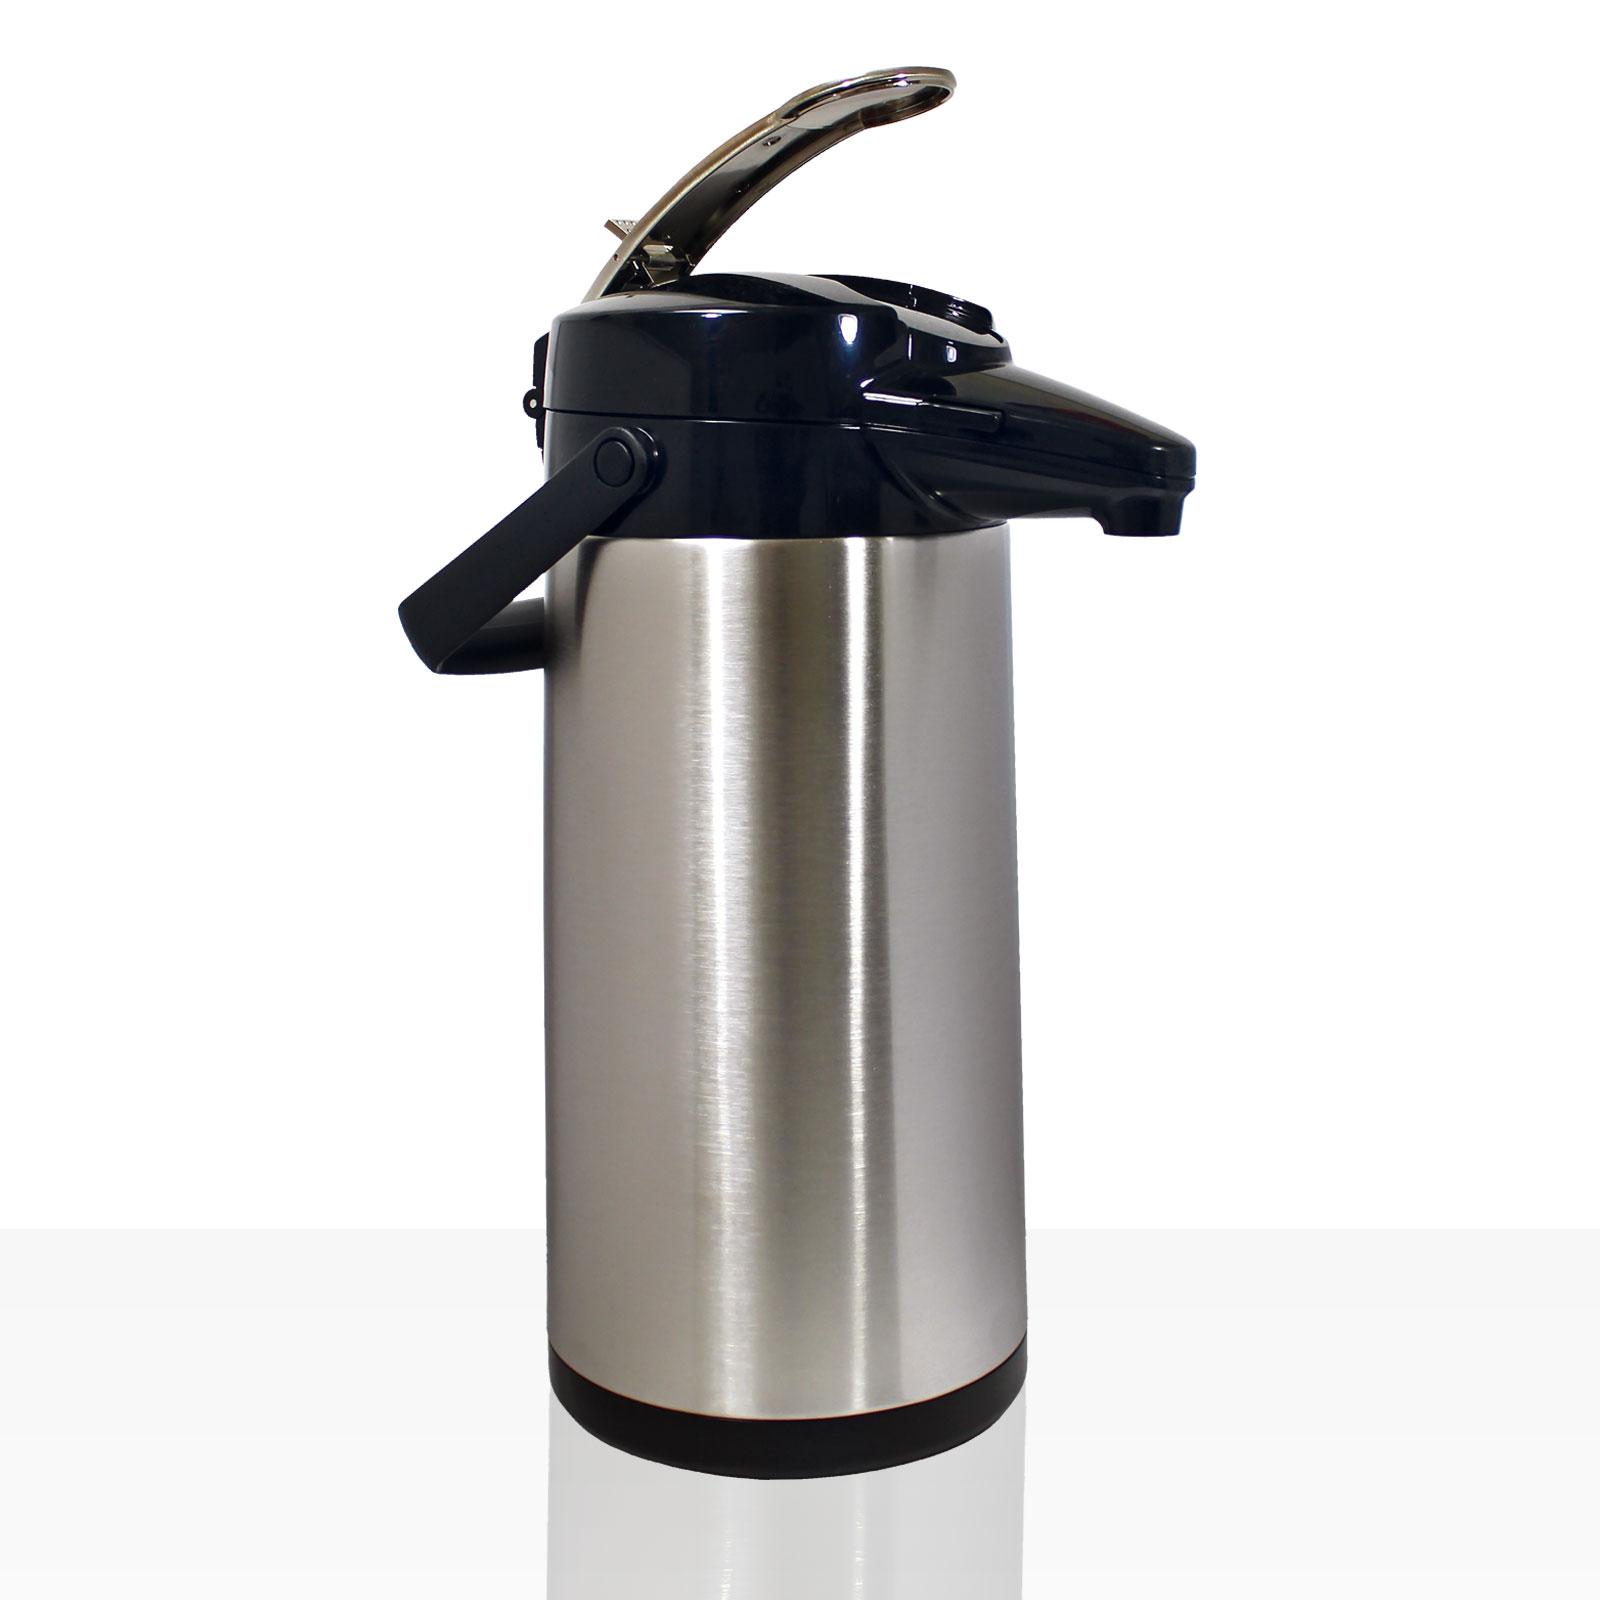 Bonamat Airpot Furento Pumpkanne 2,2l für TH - Glaseinsatz